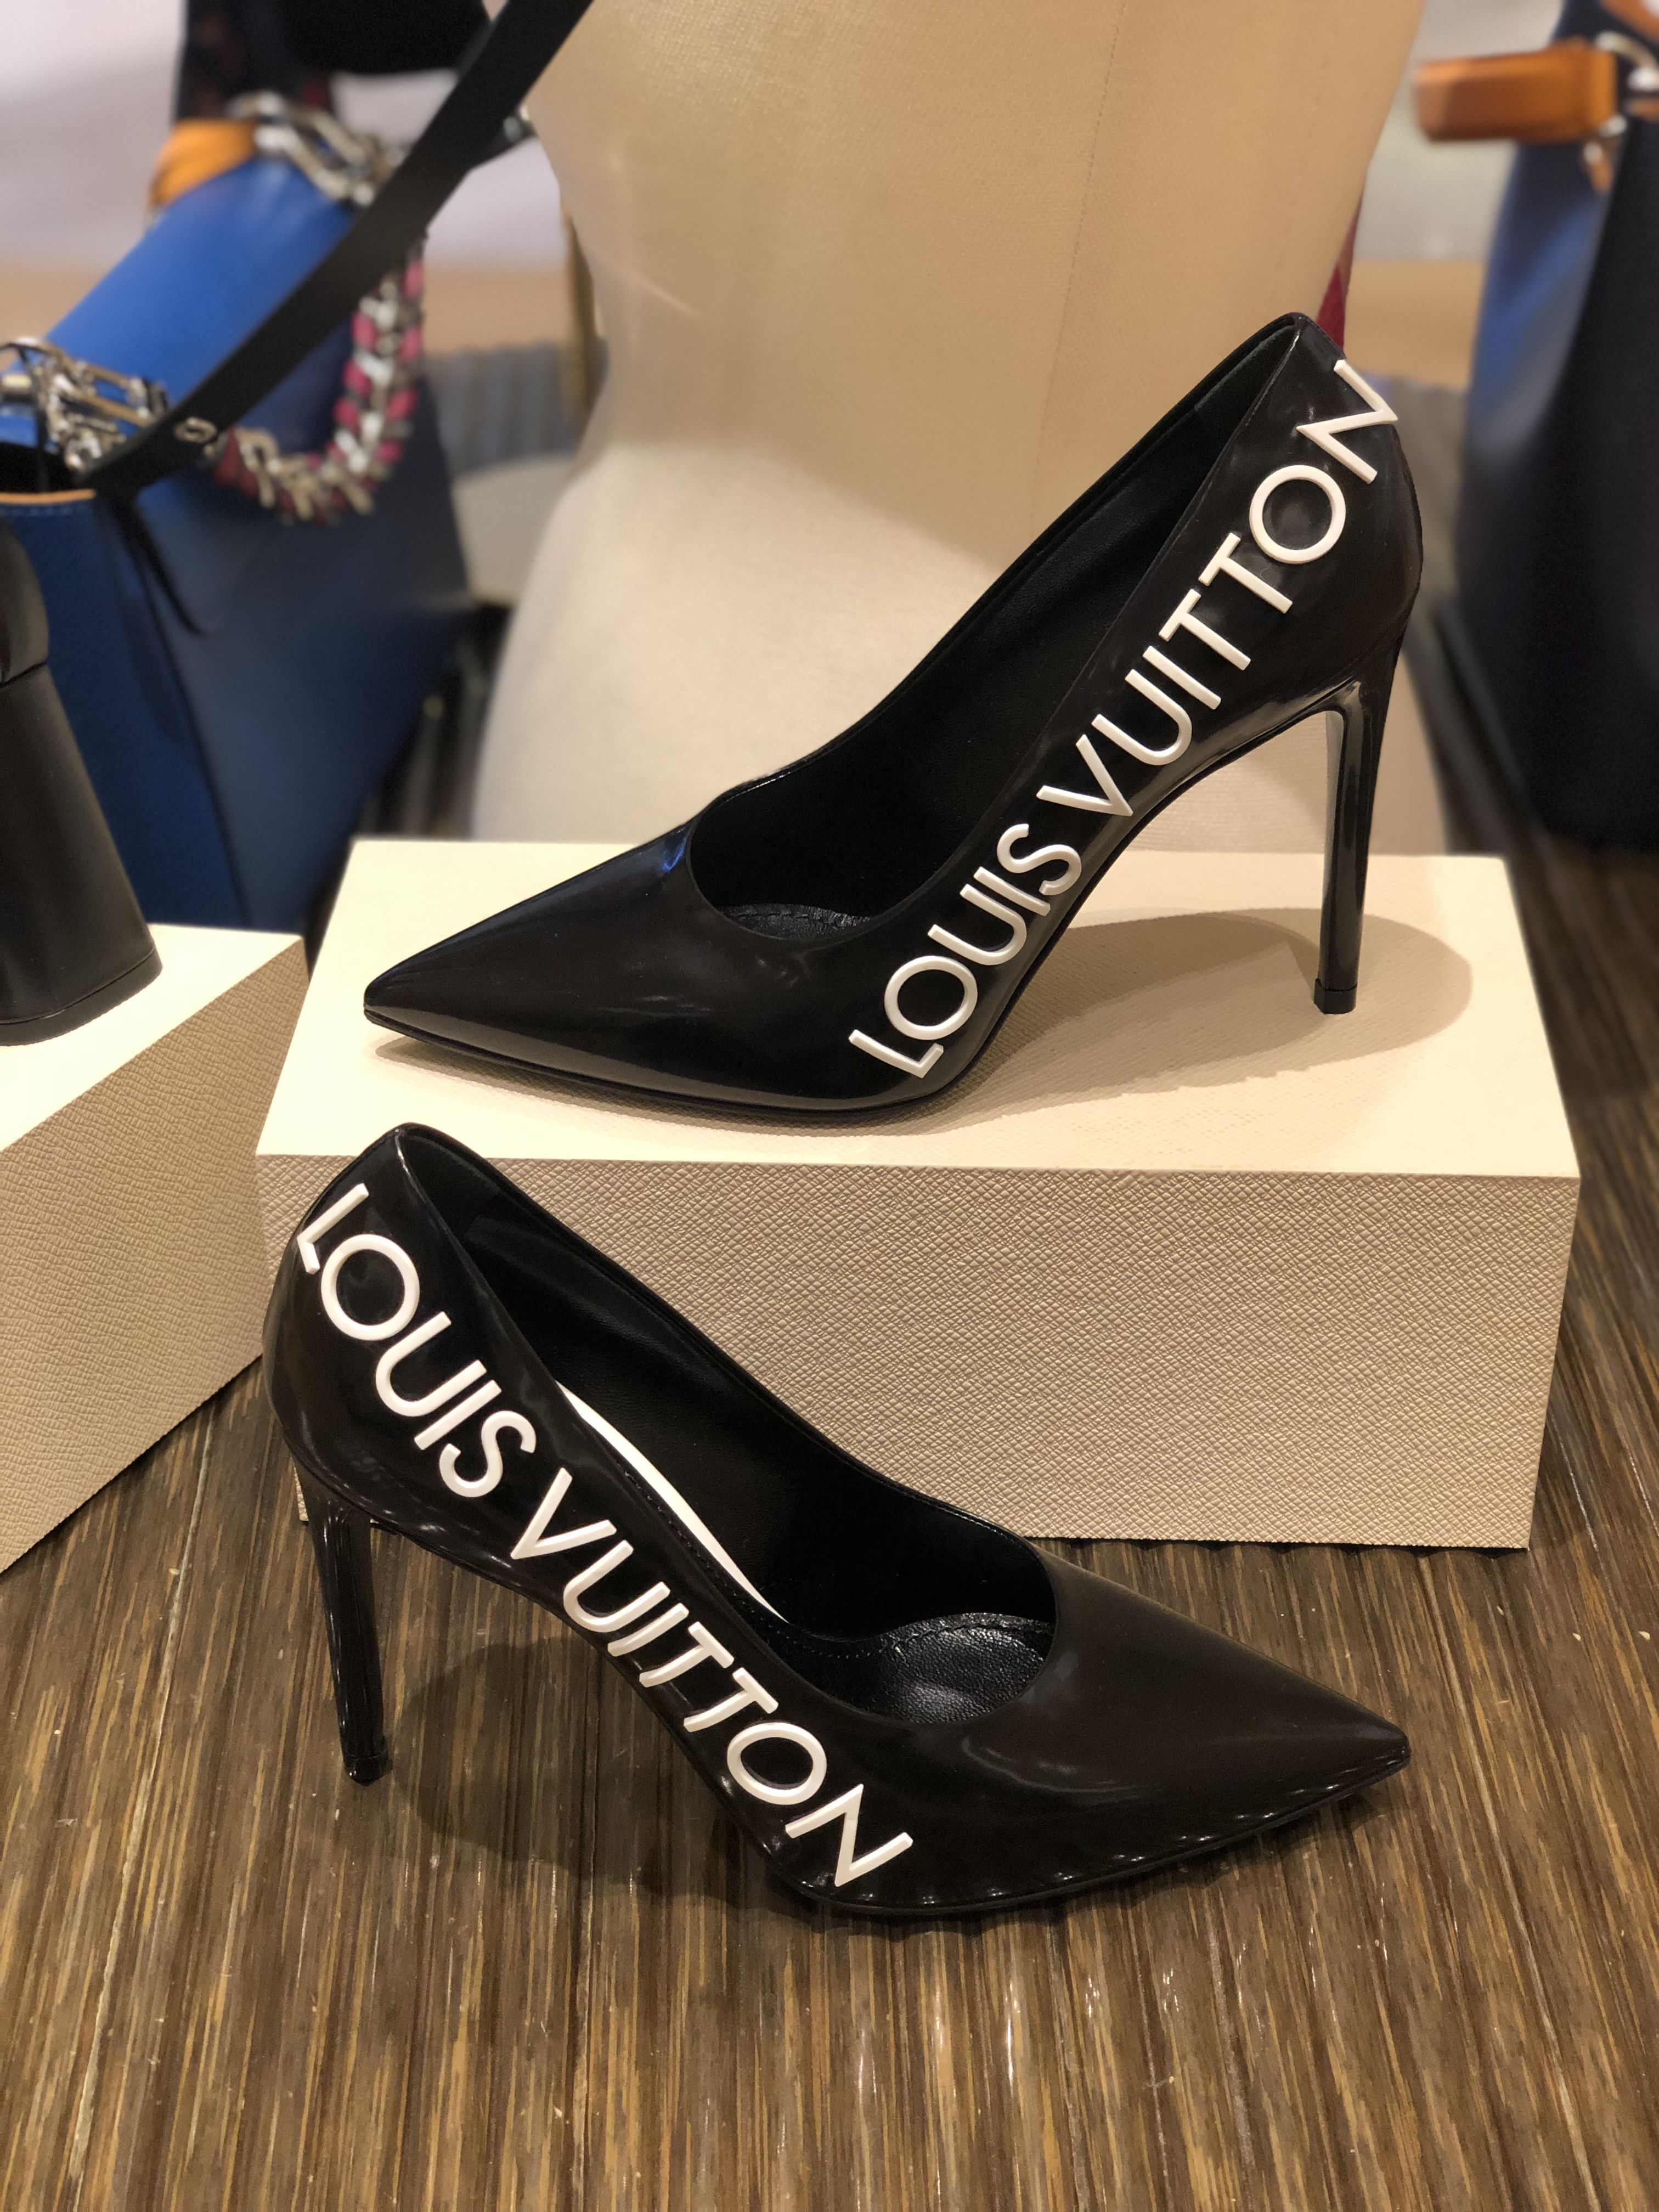 Louis Vuitton Shoes 2019 Louis Vuitton Shoes Heels Louis Vuitton Heels Louis Vuitton Shoes